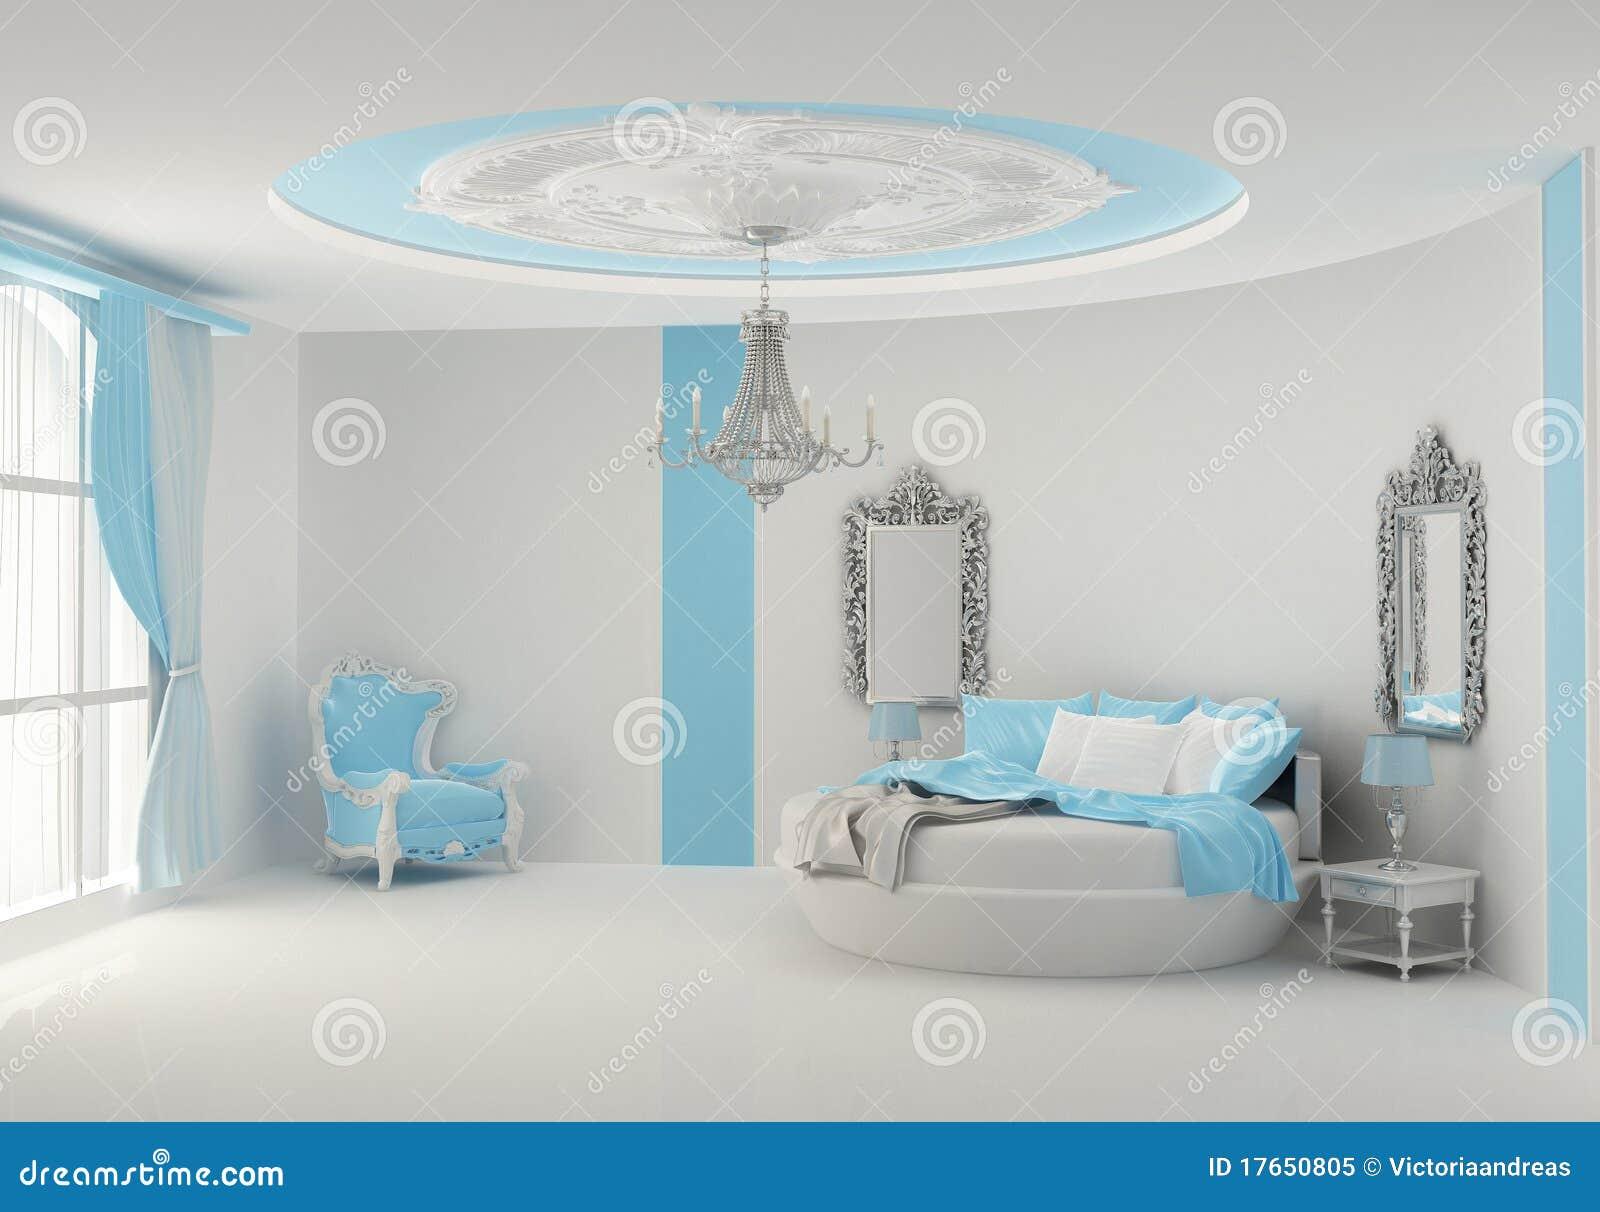 B ti rond dans la chambre coucher baroque photo libre de for Chambre a coucher baroque